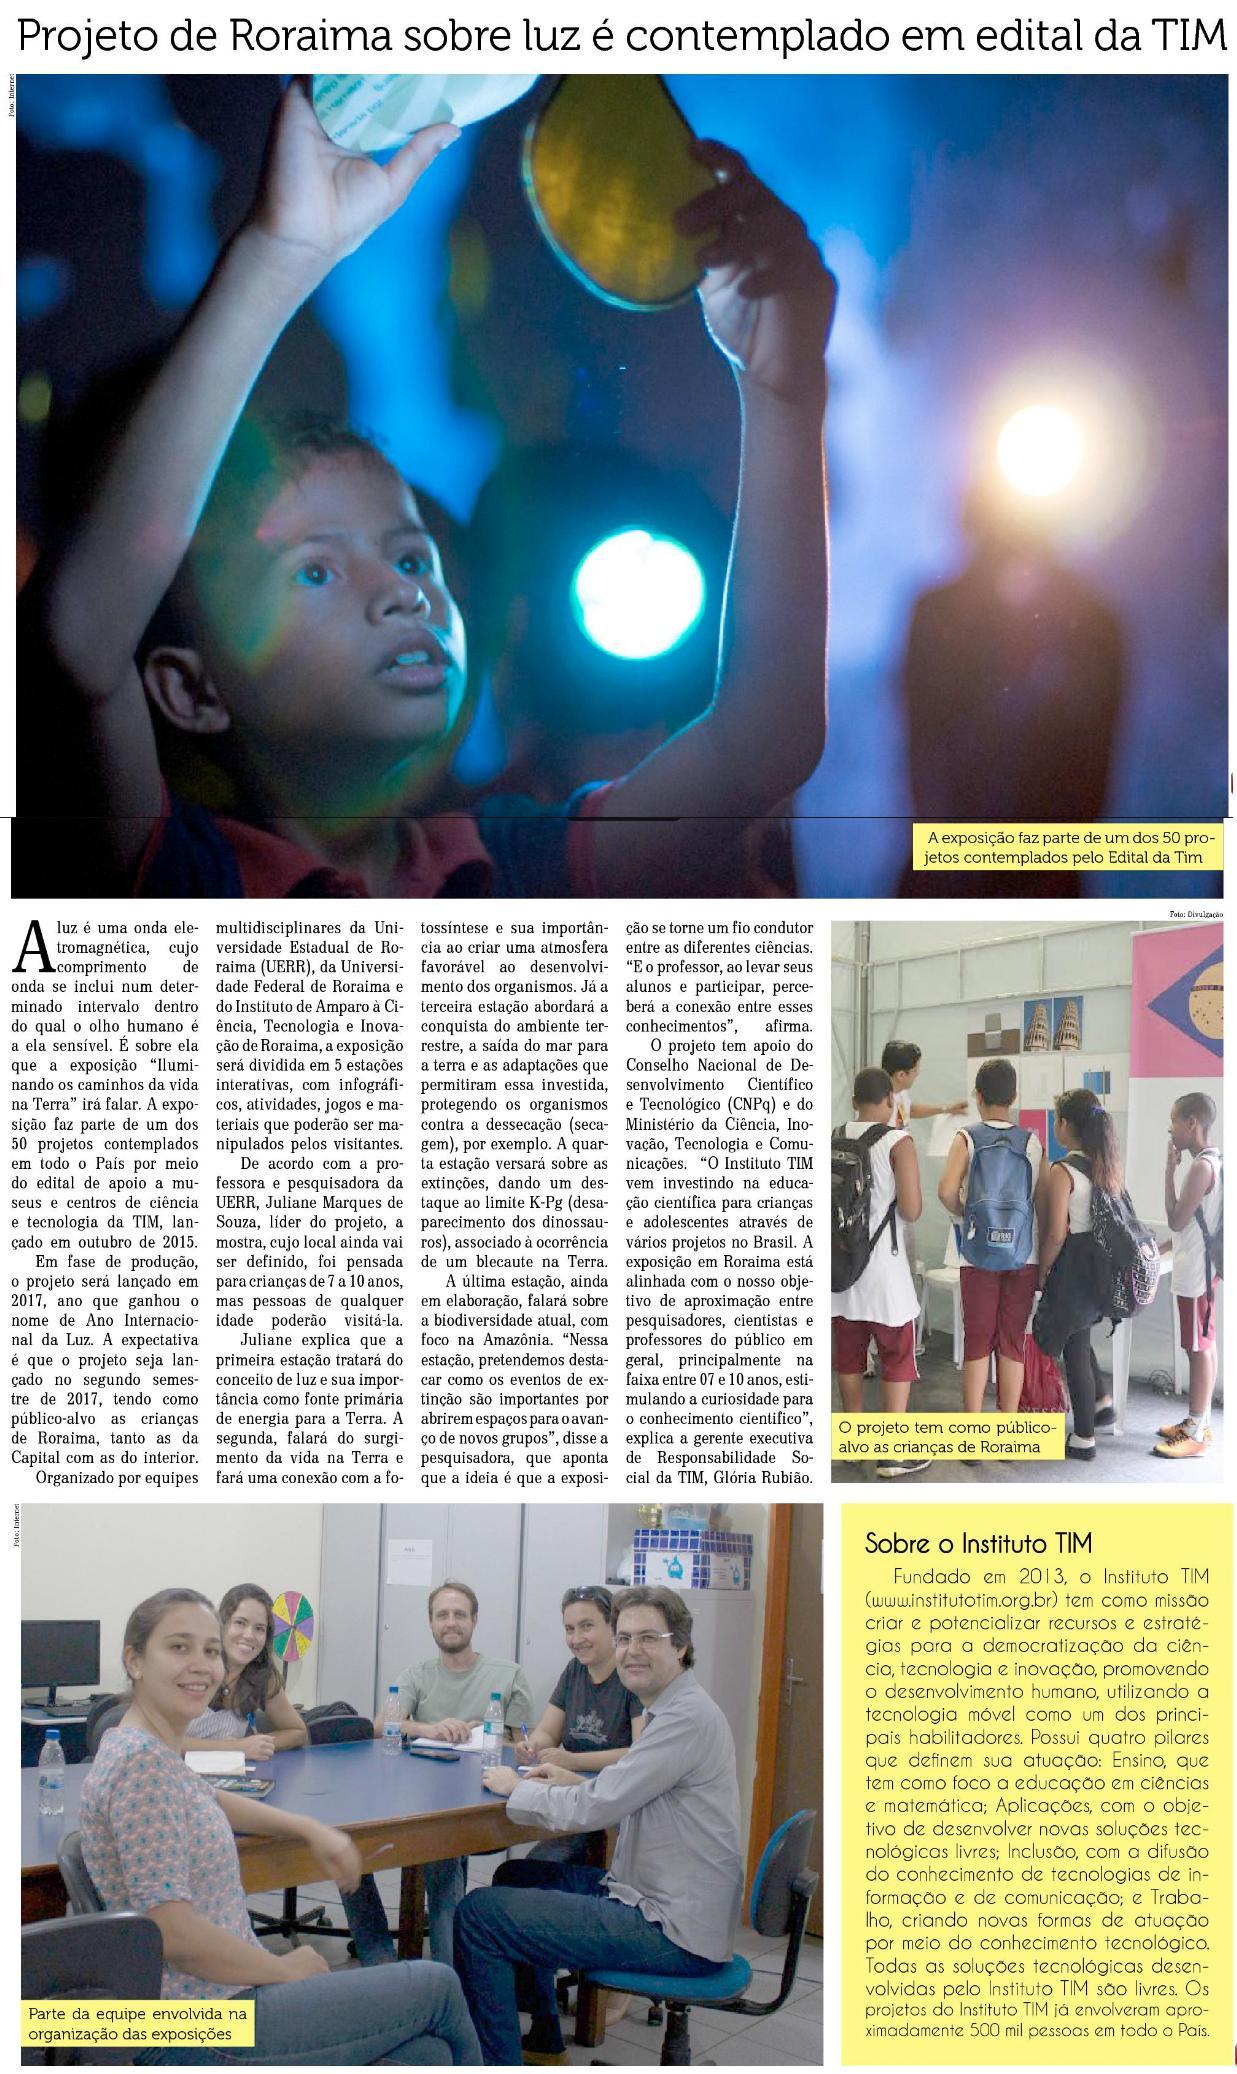 12_07_2016 Folha de Boa Vista - Projeto de Roraima sobre luz é contemplado em edital da Tim